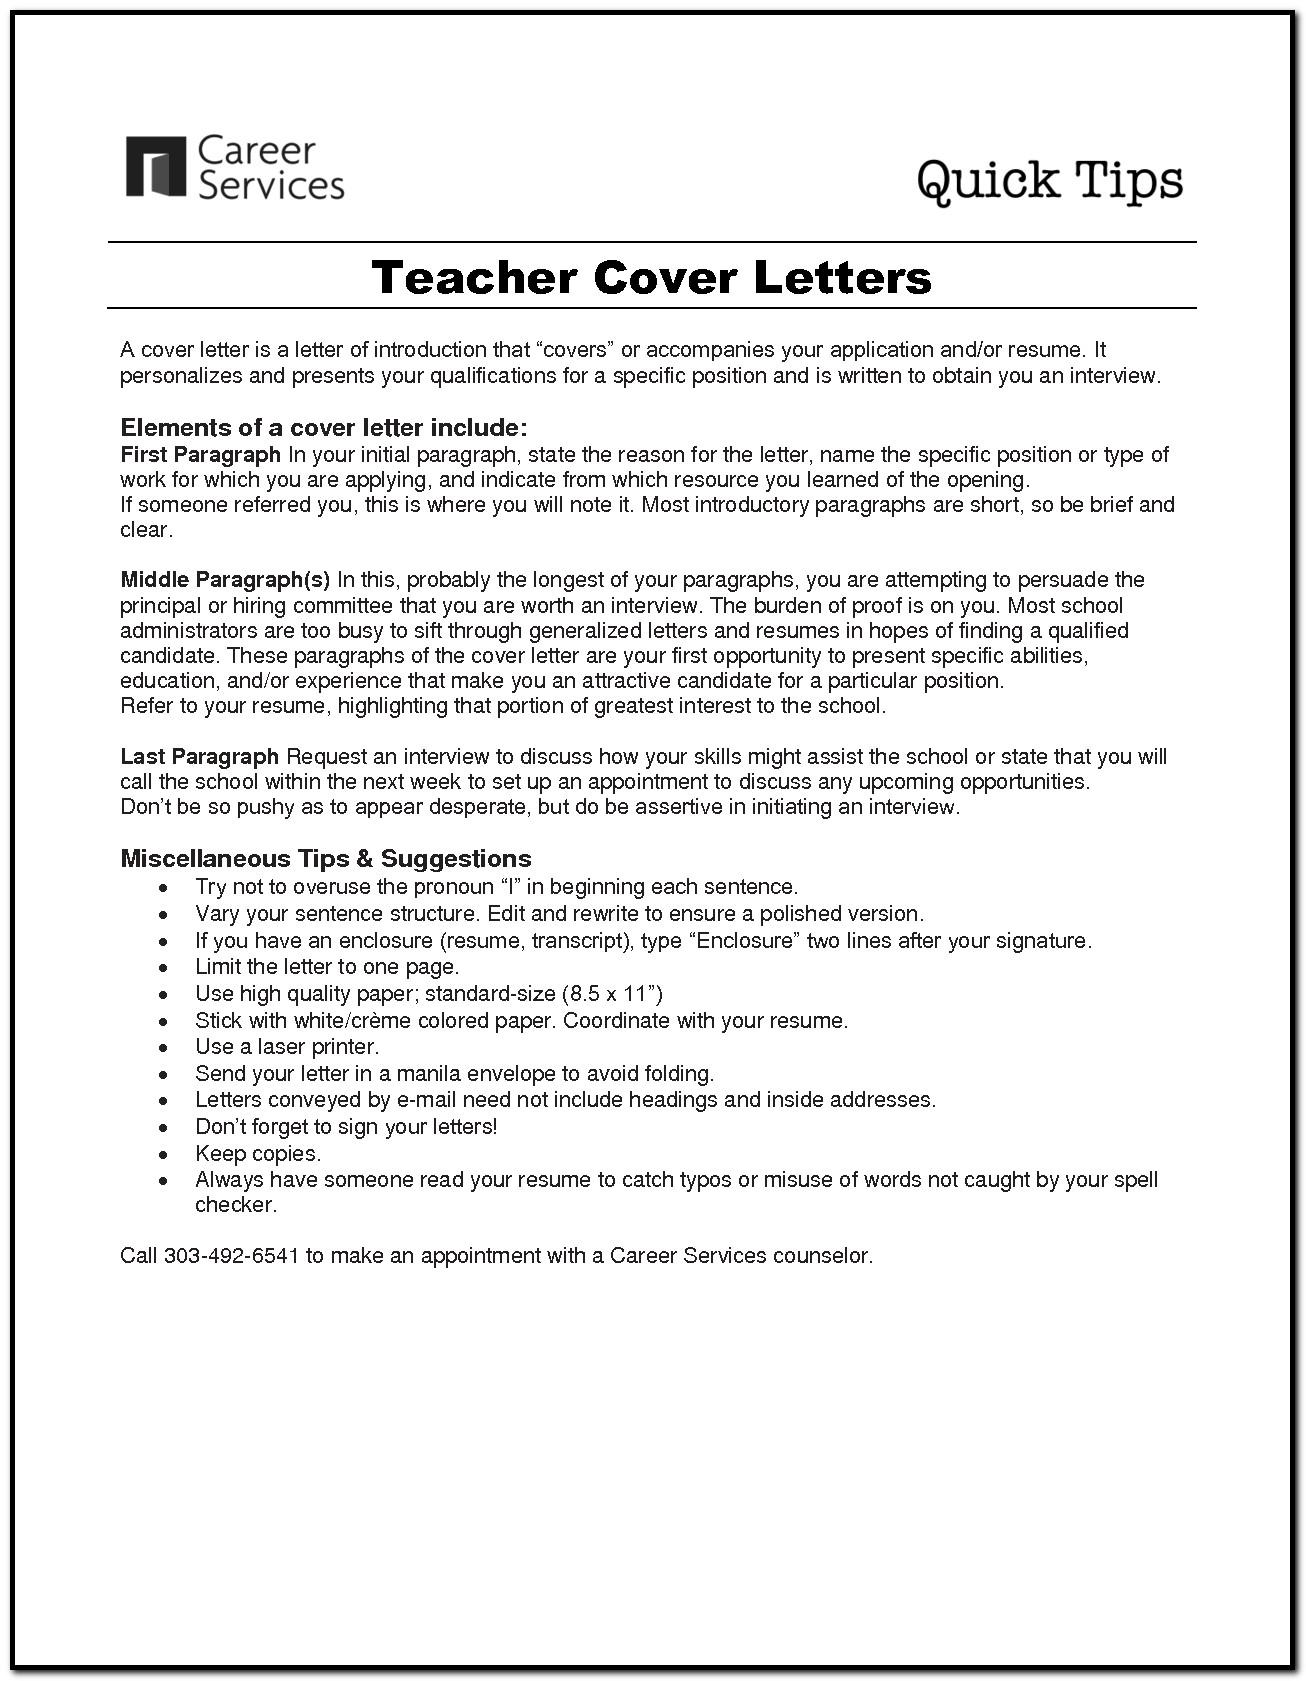 Sample Cover Letter For Beginner Teacher